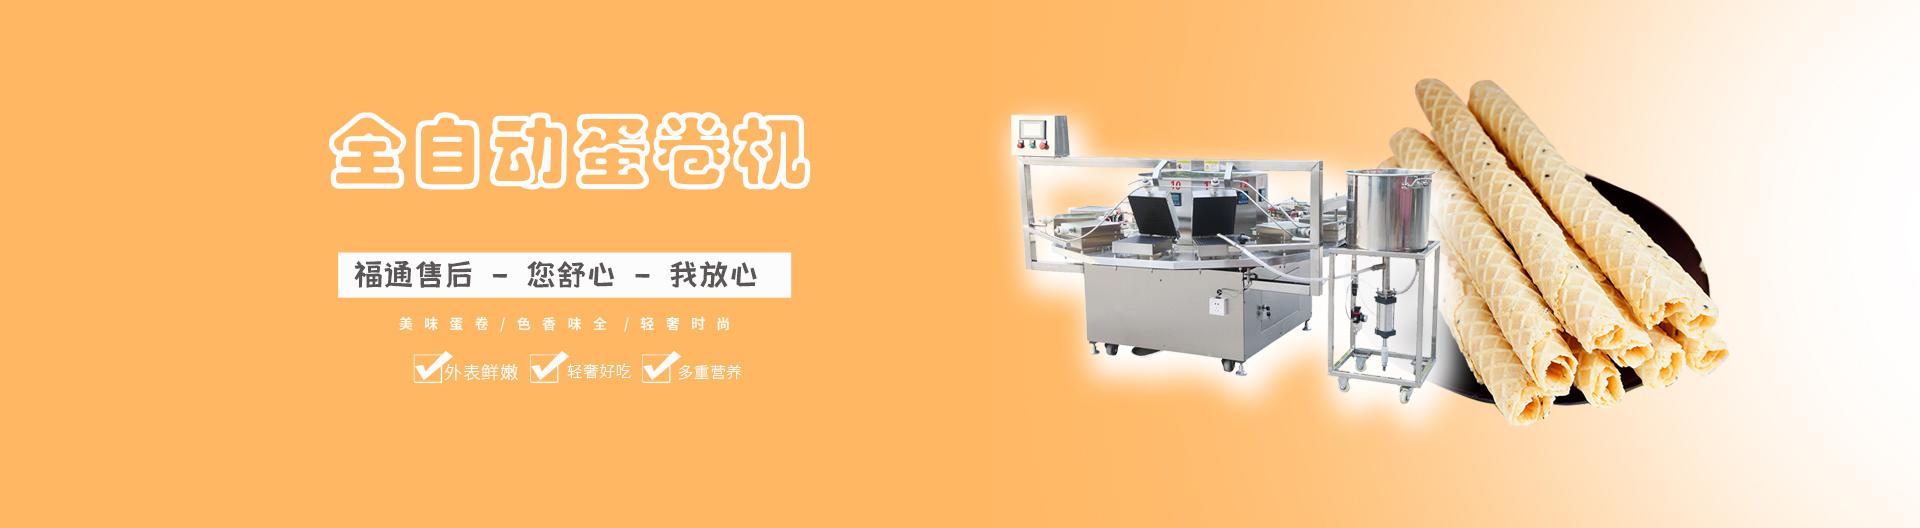 福通食品机器